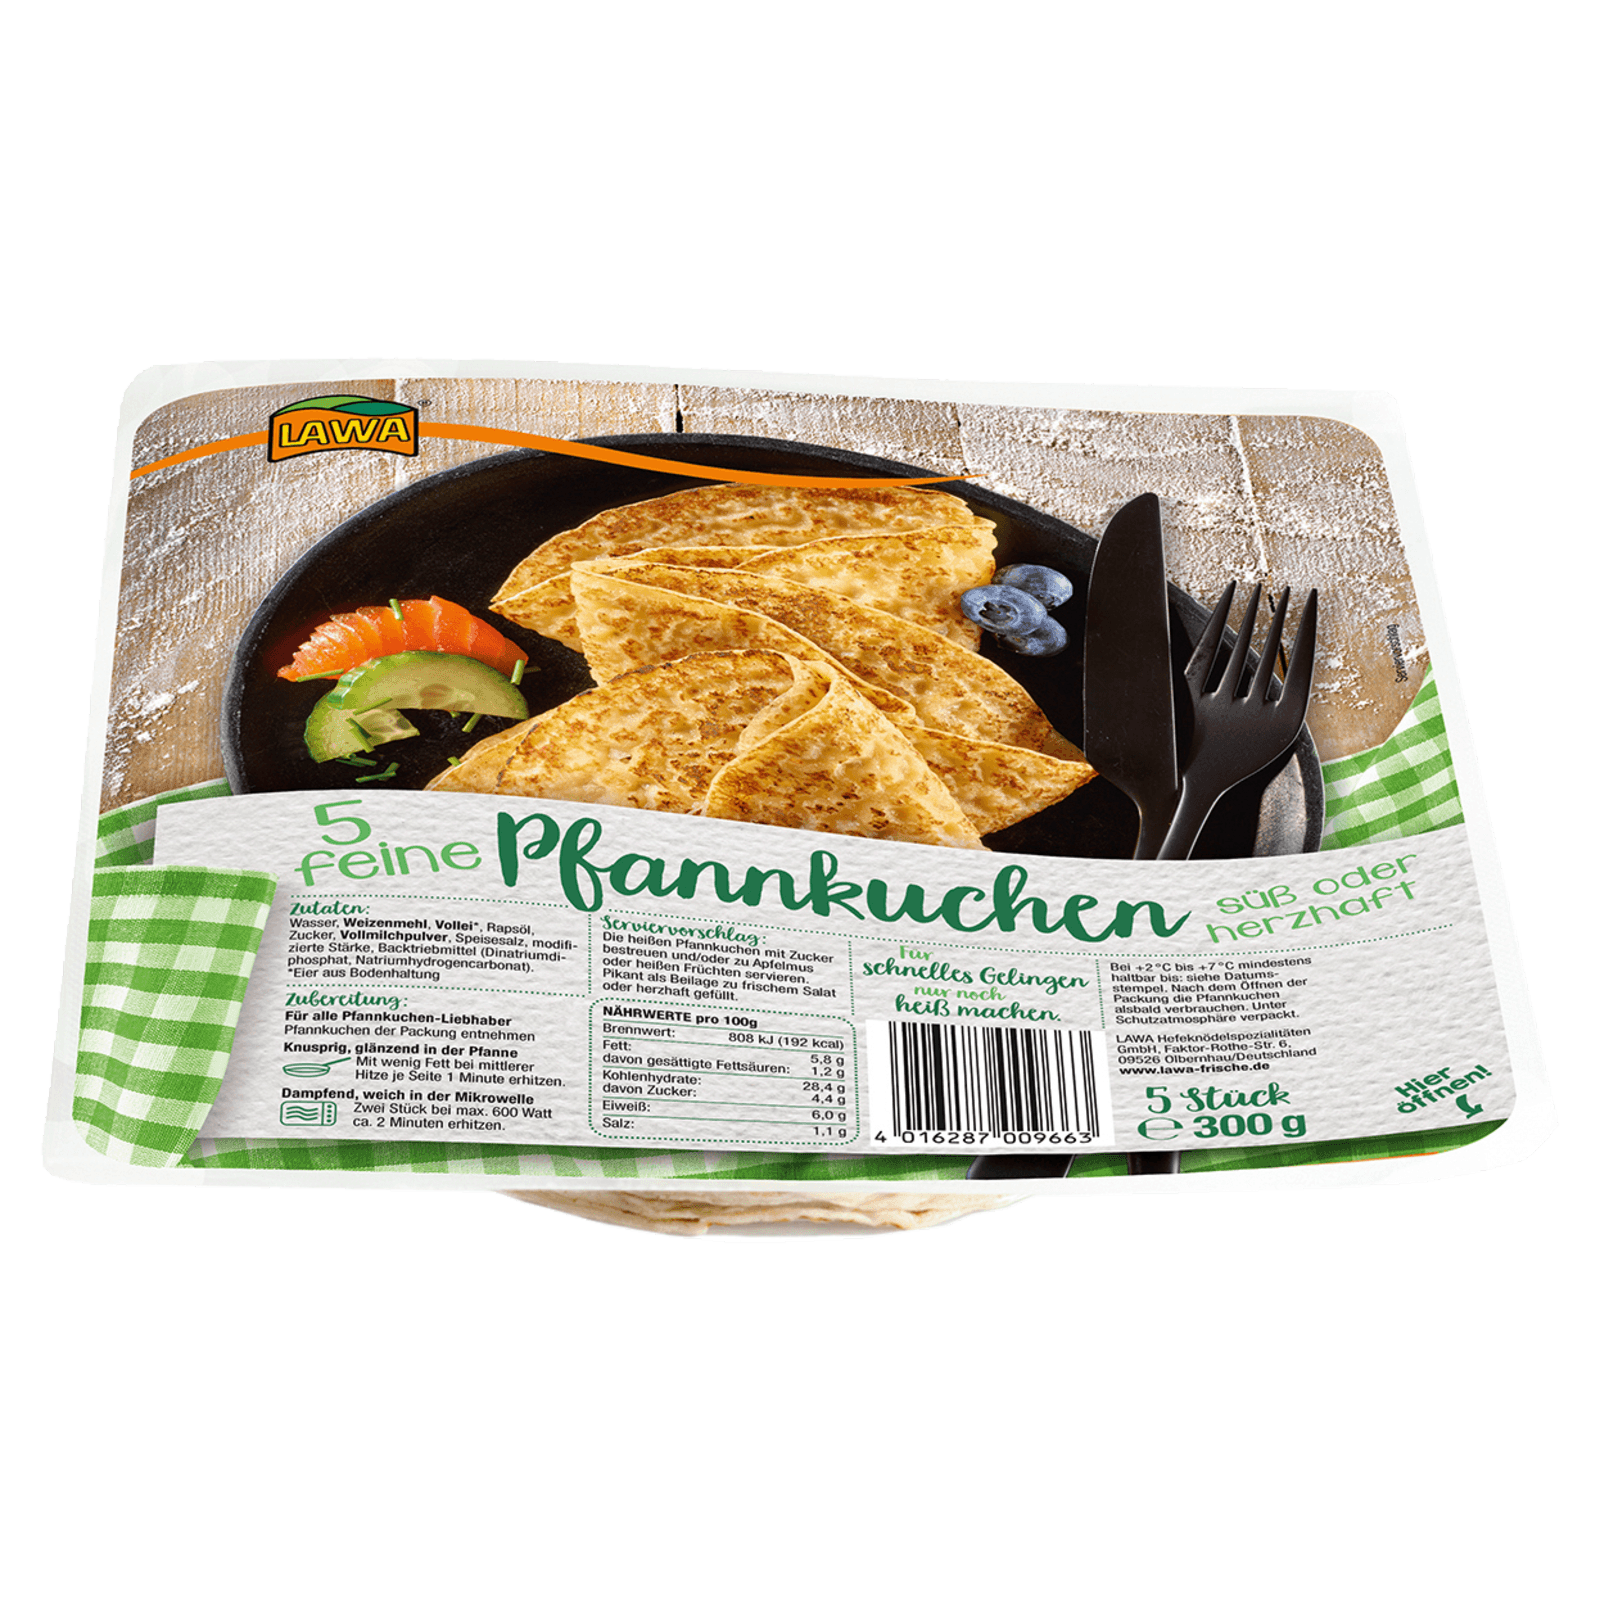 Lawa Feine Pfannkuchen 300g, 5 Stück